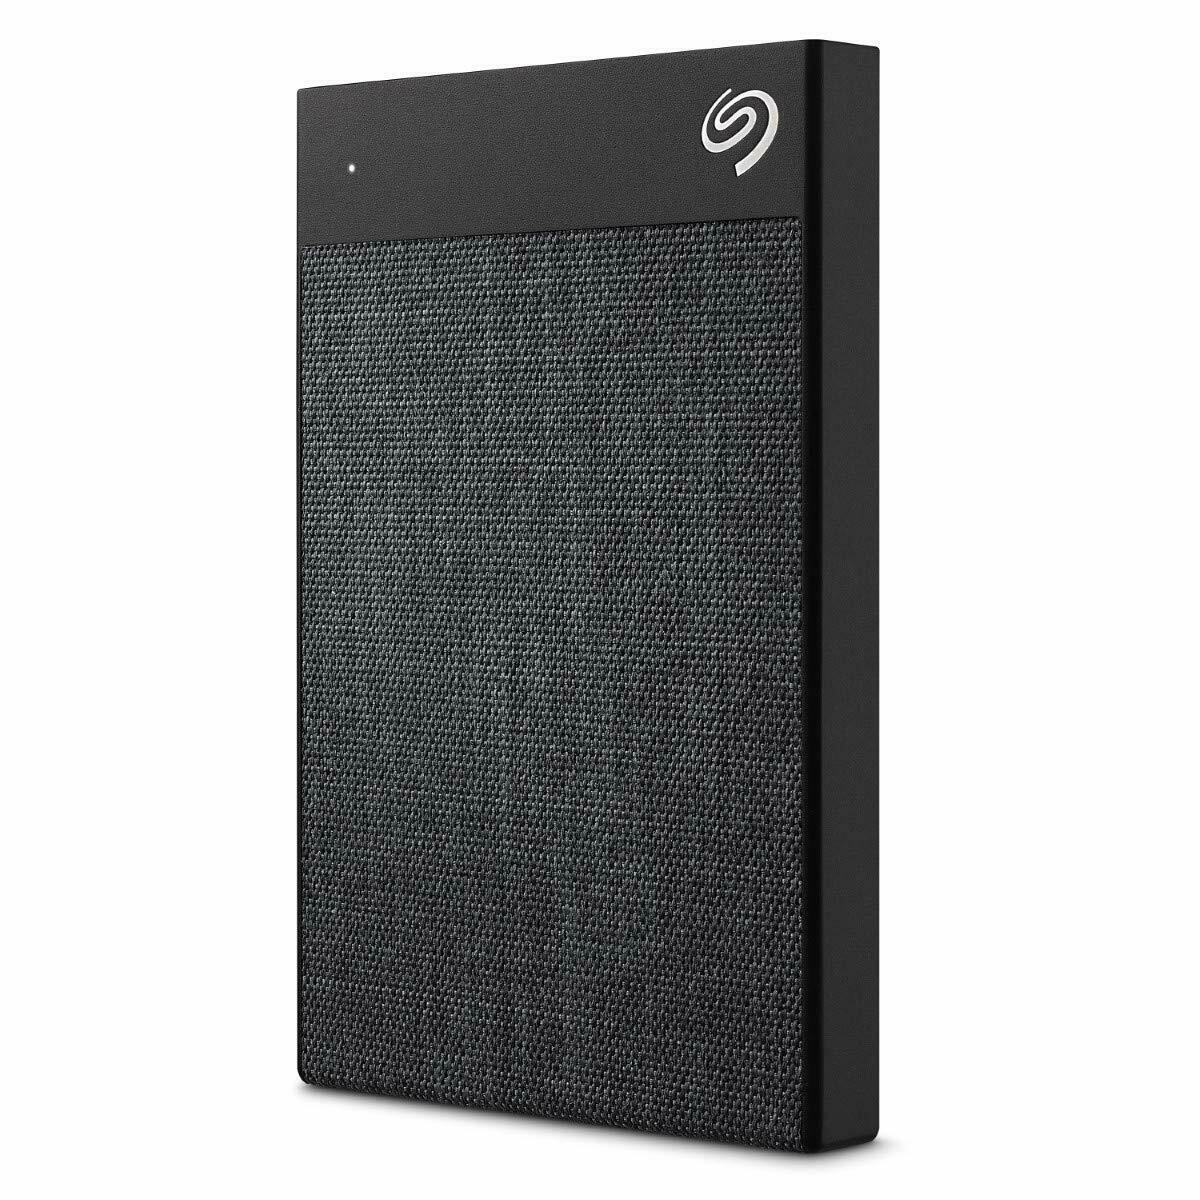 Bild zu 2,5 Zoll externe Festplatte Seagate Backup Plus Ultra Touch (2 TB) für 55,55€ (Vergleich: 76,22€)